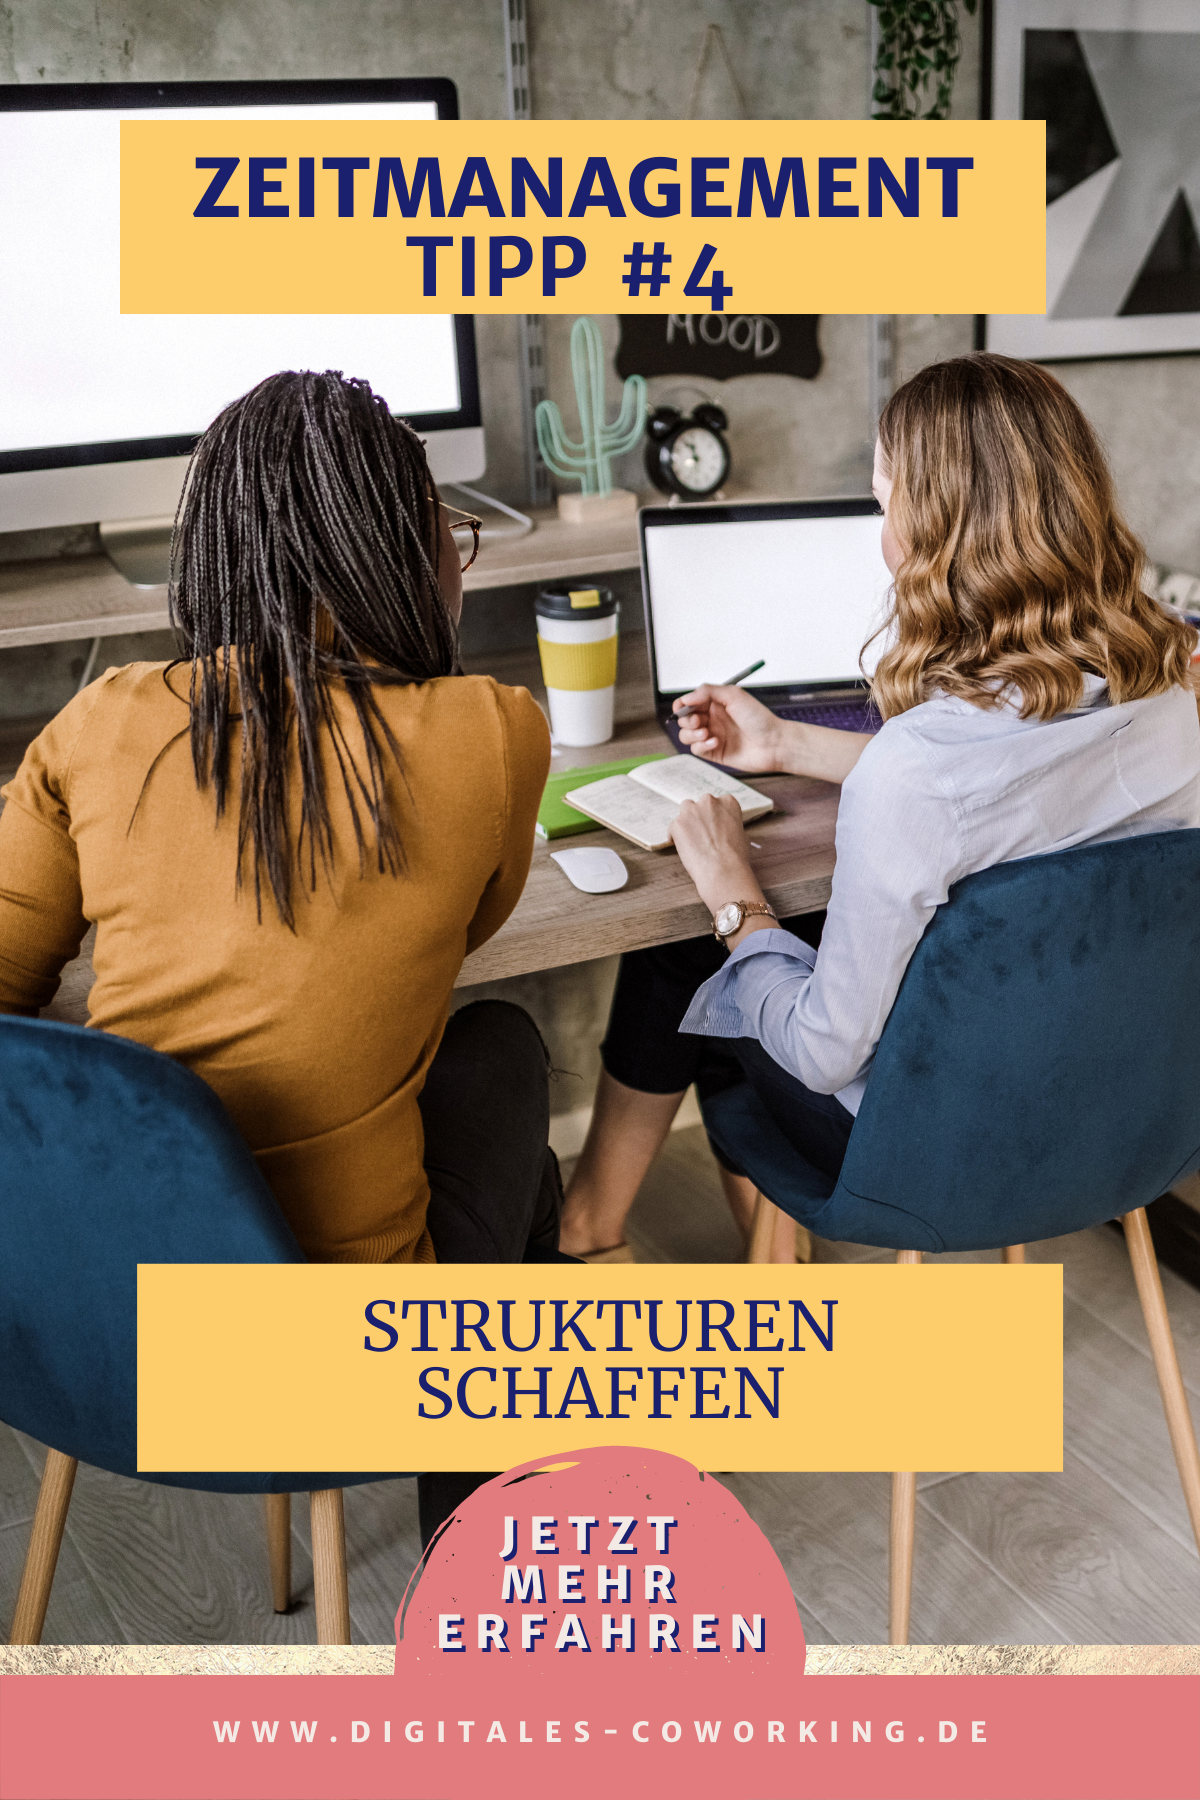 Zeitmanagement: Strukturen schaffen